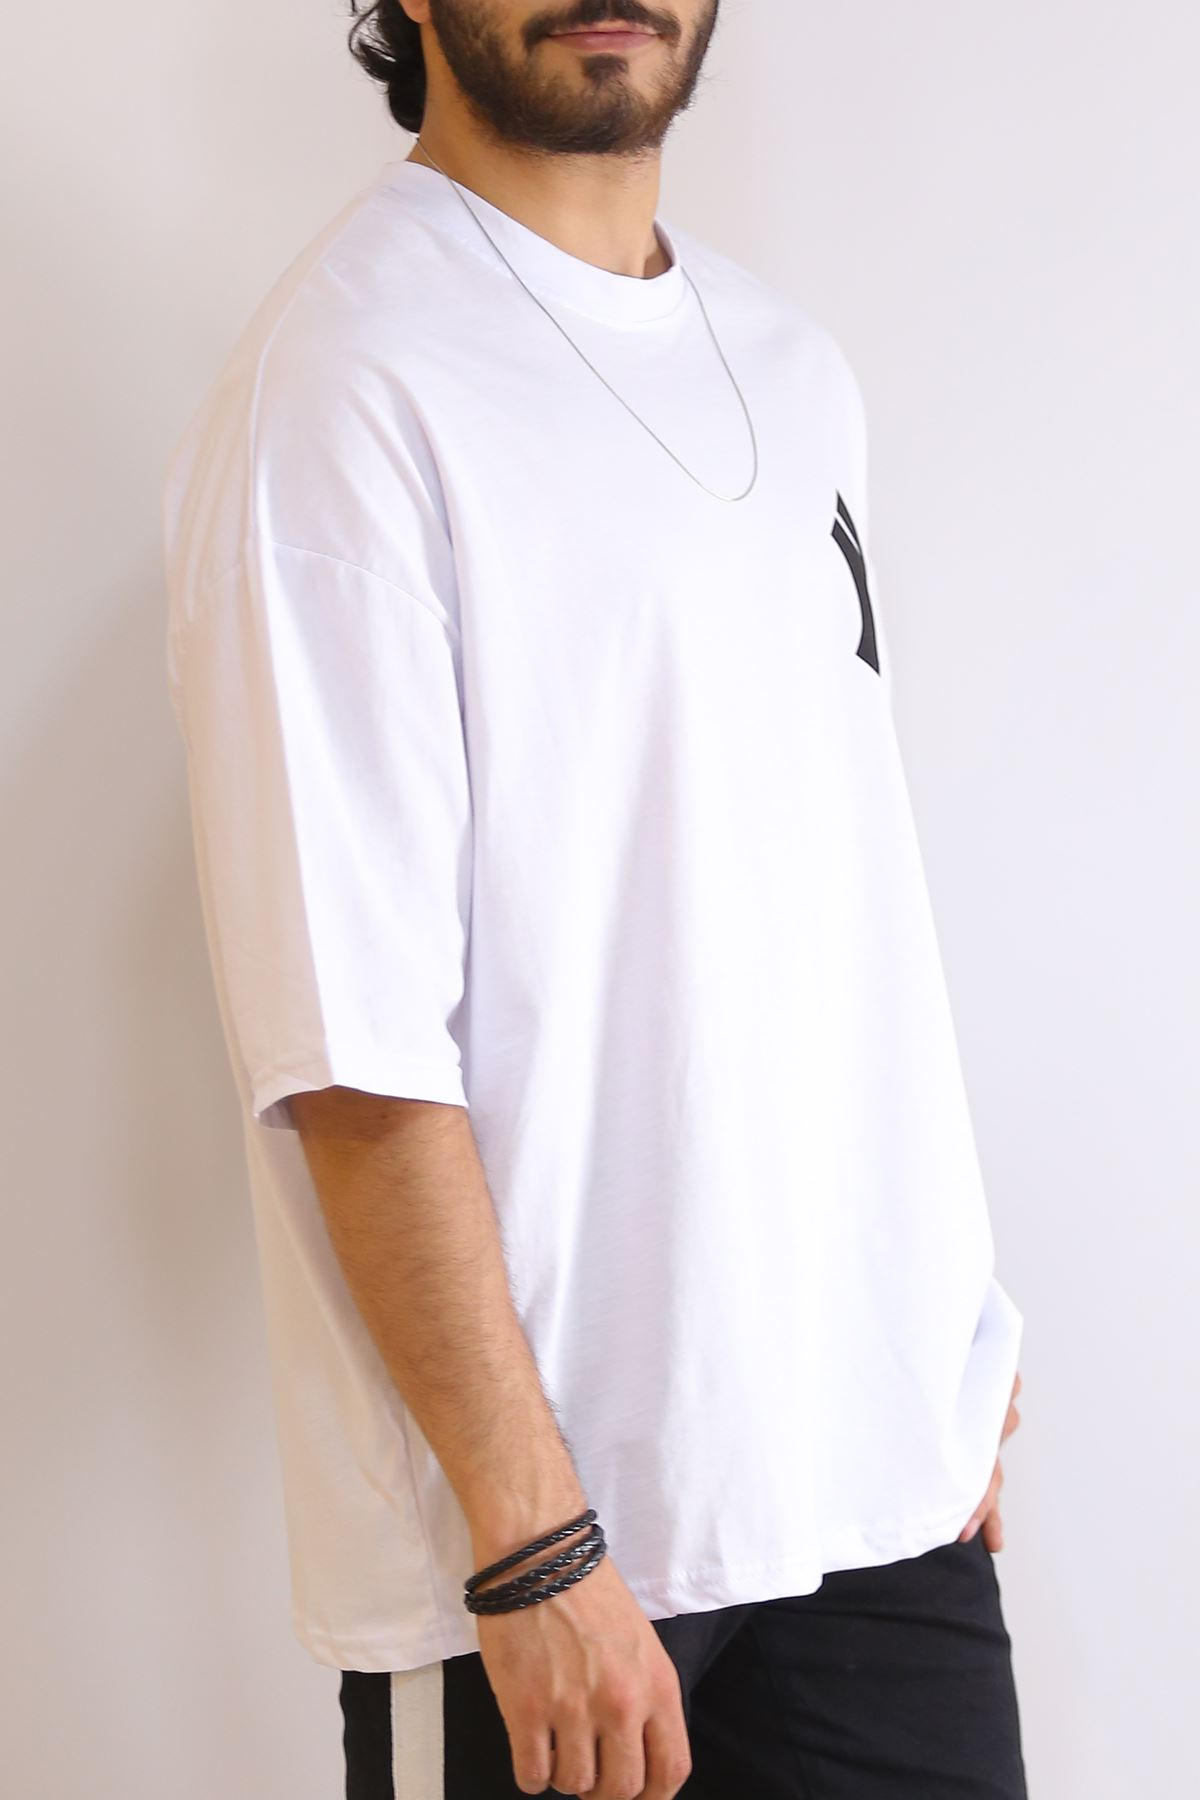 Arkası Baskılı Tişört Beyaz - 6201.1377.